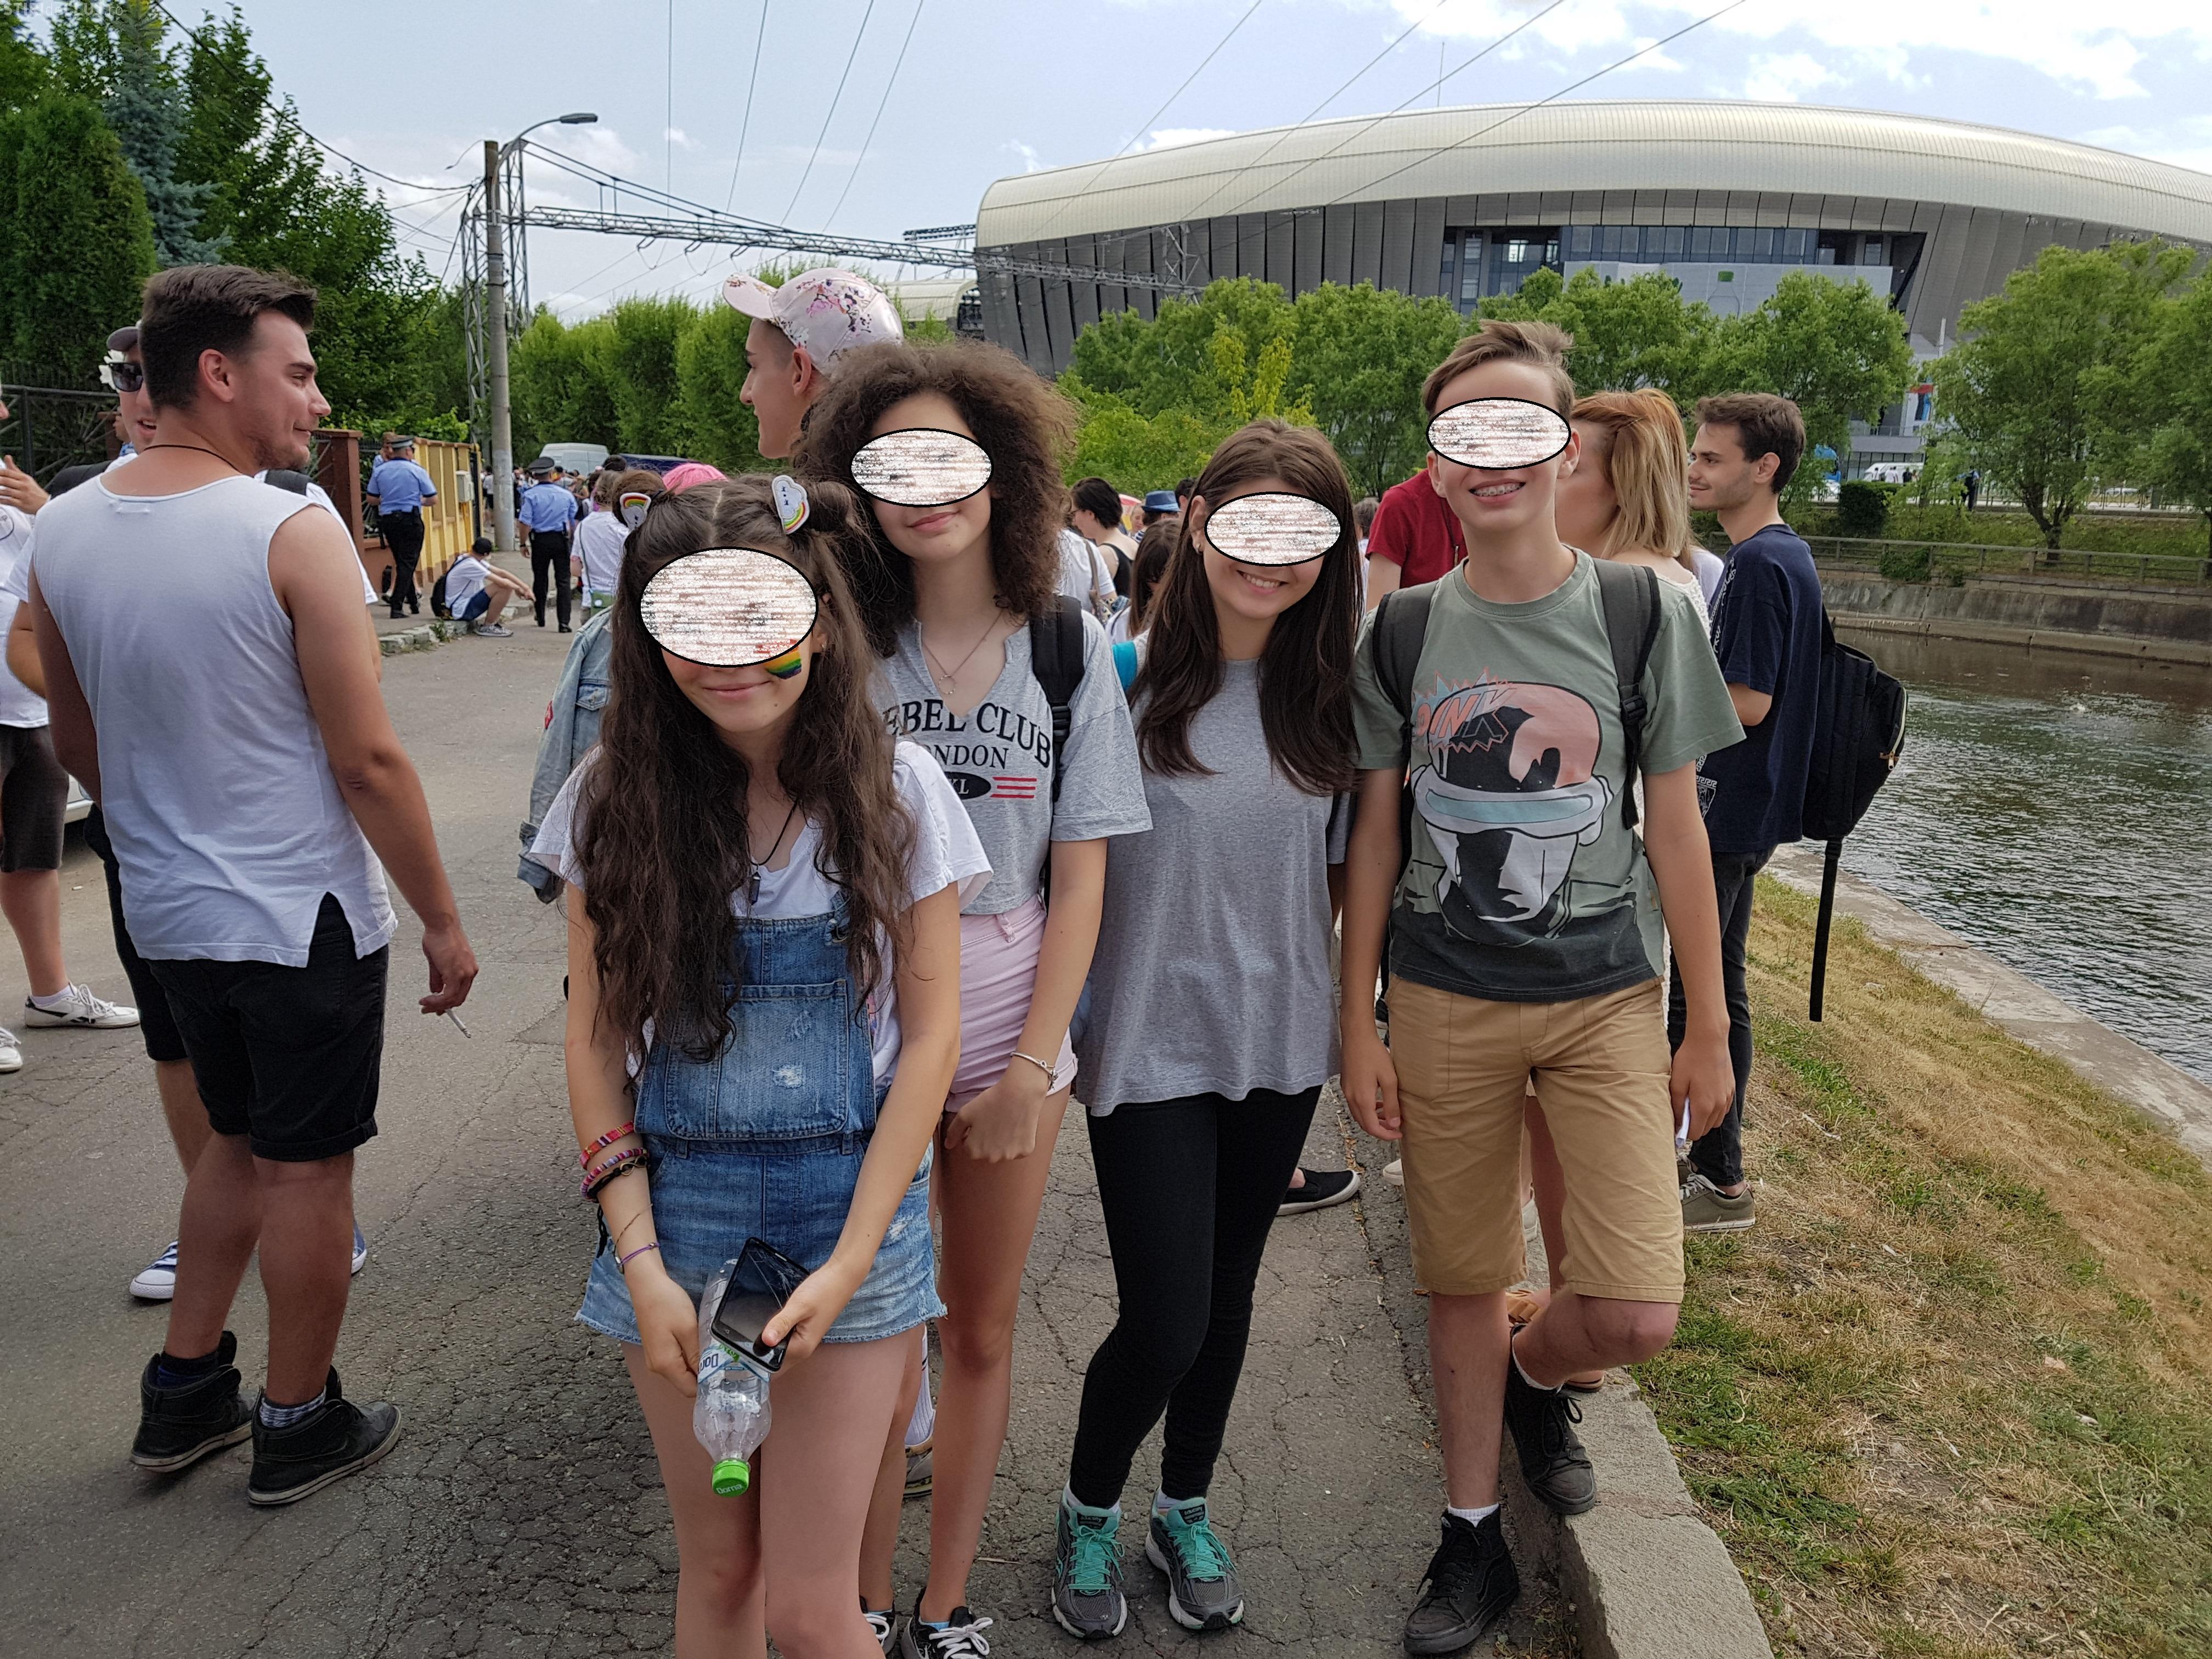 Cinci adolescenți de 14 ani, prezenți la Cluj, la marșul Gay